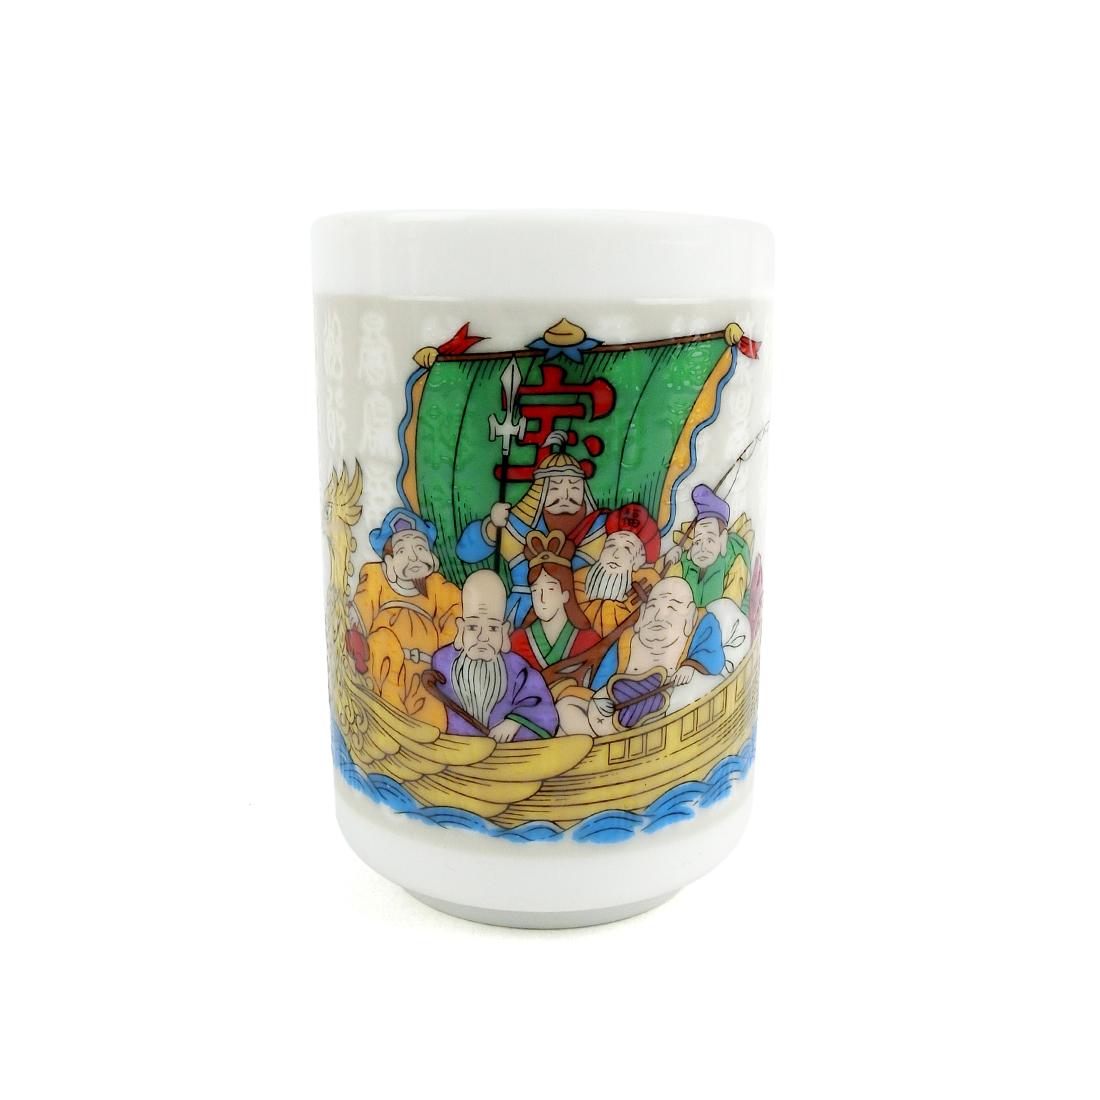 Chung Trà Sứ Chữ Đổi Hình Thất Phúc Thần Ngồi Trên Thuyền - Nhật - 6 x 9 cm - 232221